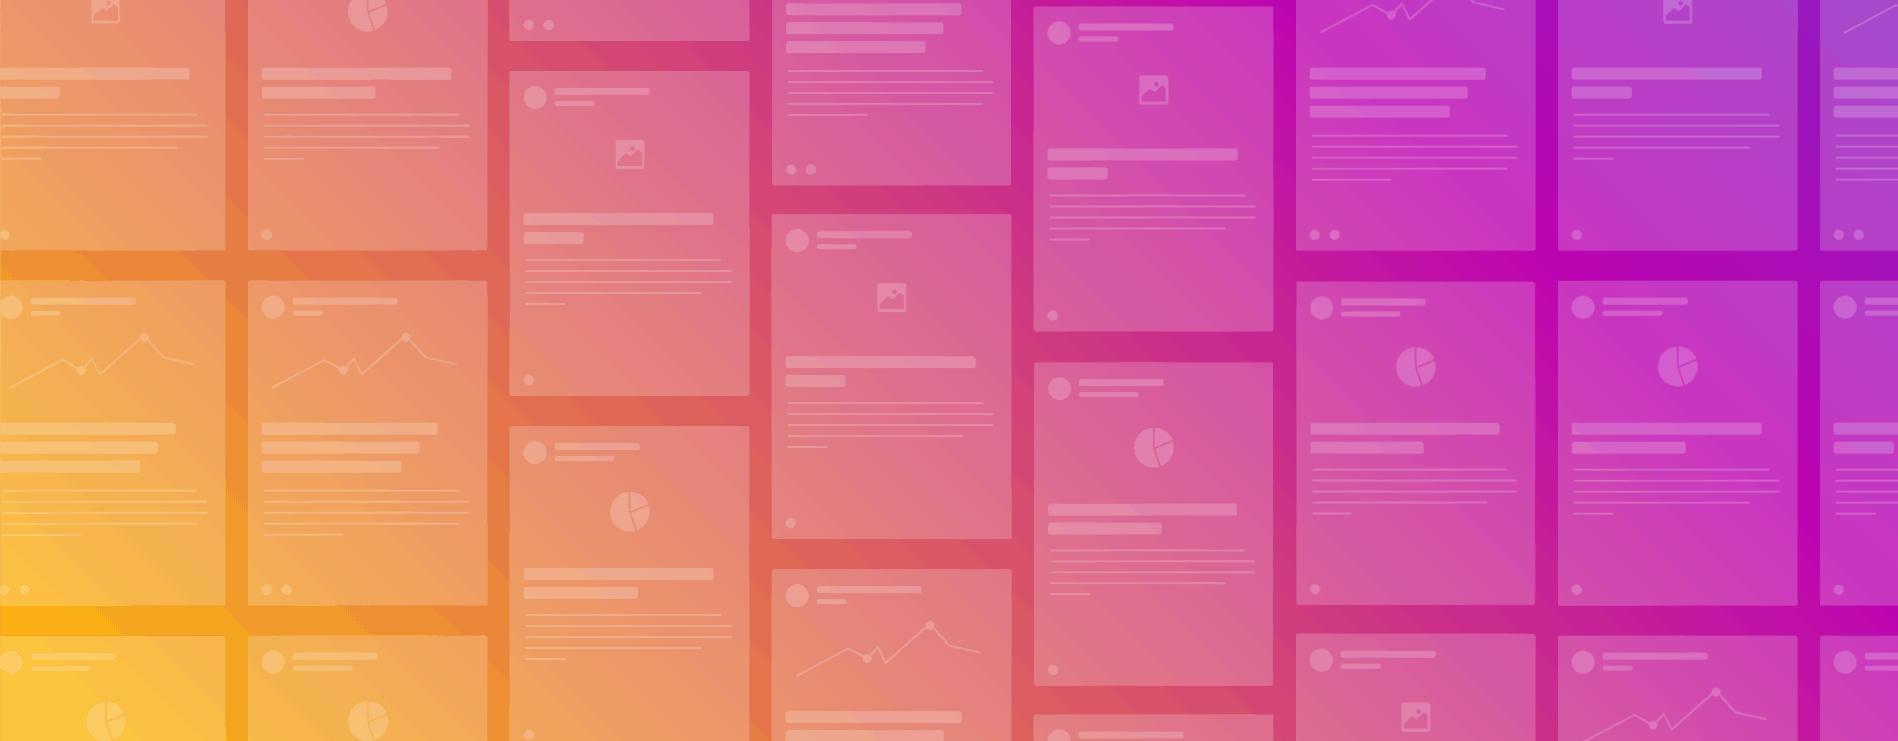 Comment j'ai simplifié ma veille marketing numérique en utilisant Zest.is